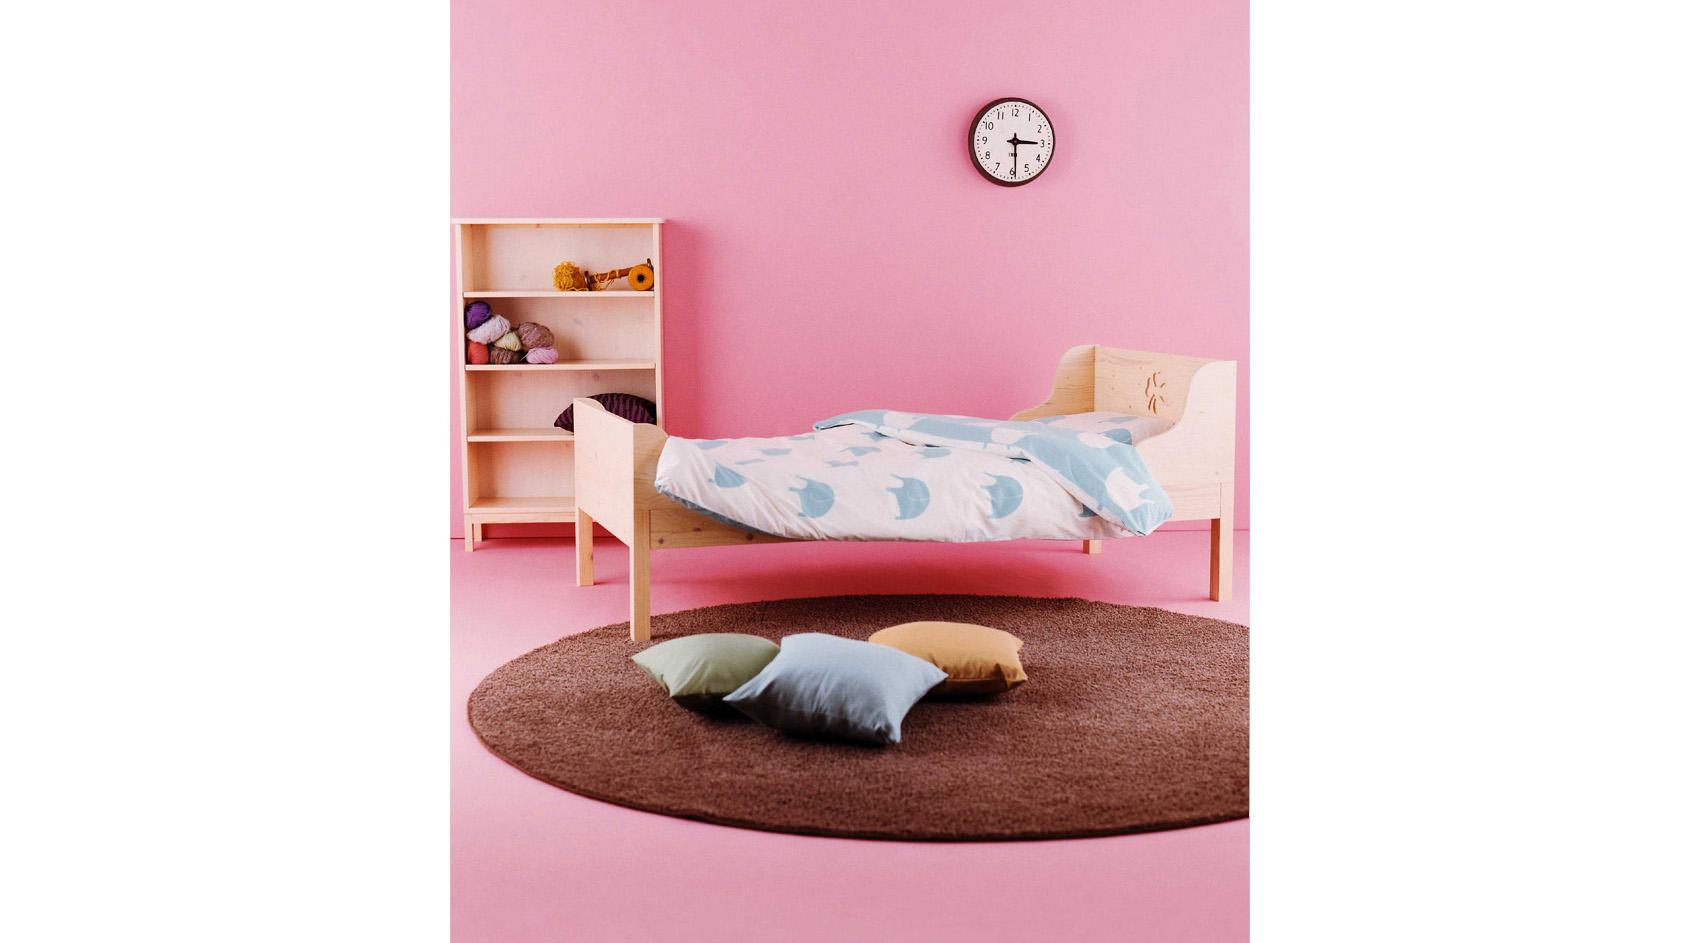 actus_bed+shelf.jpg